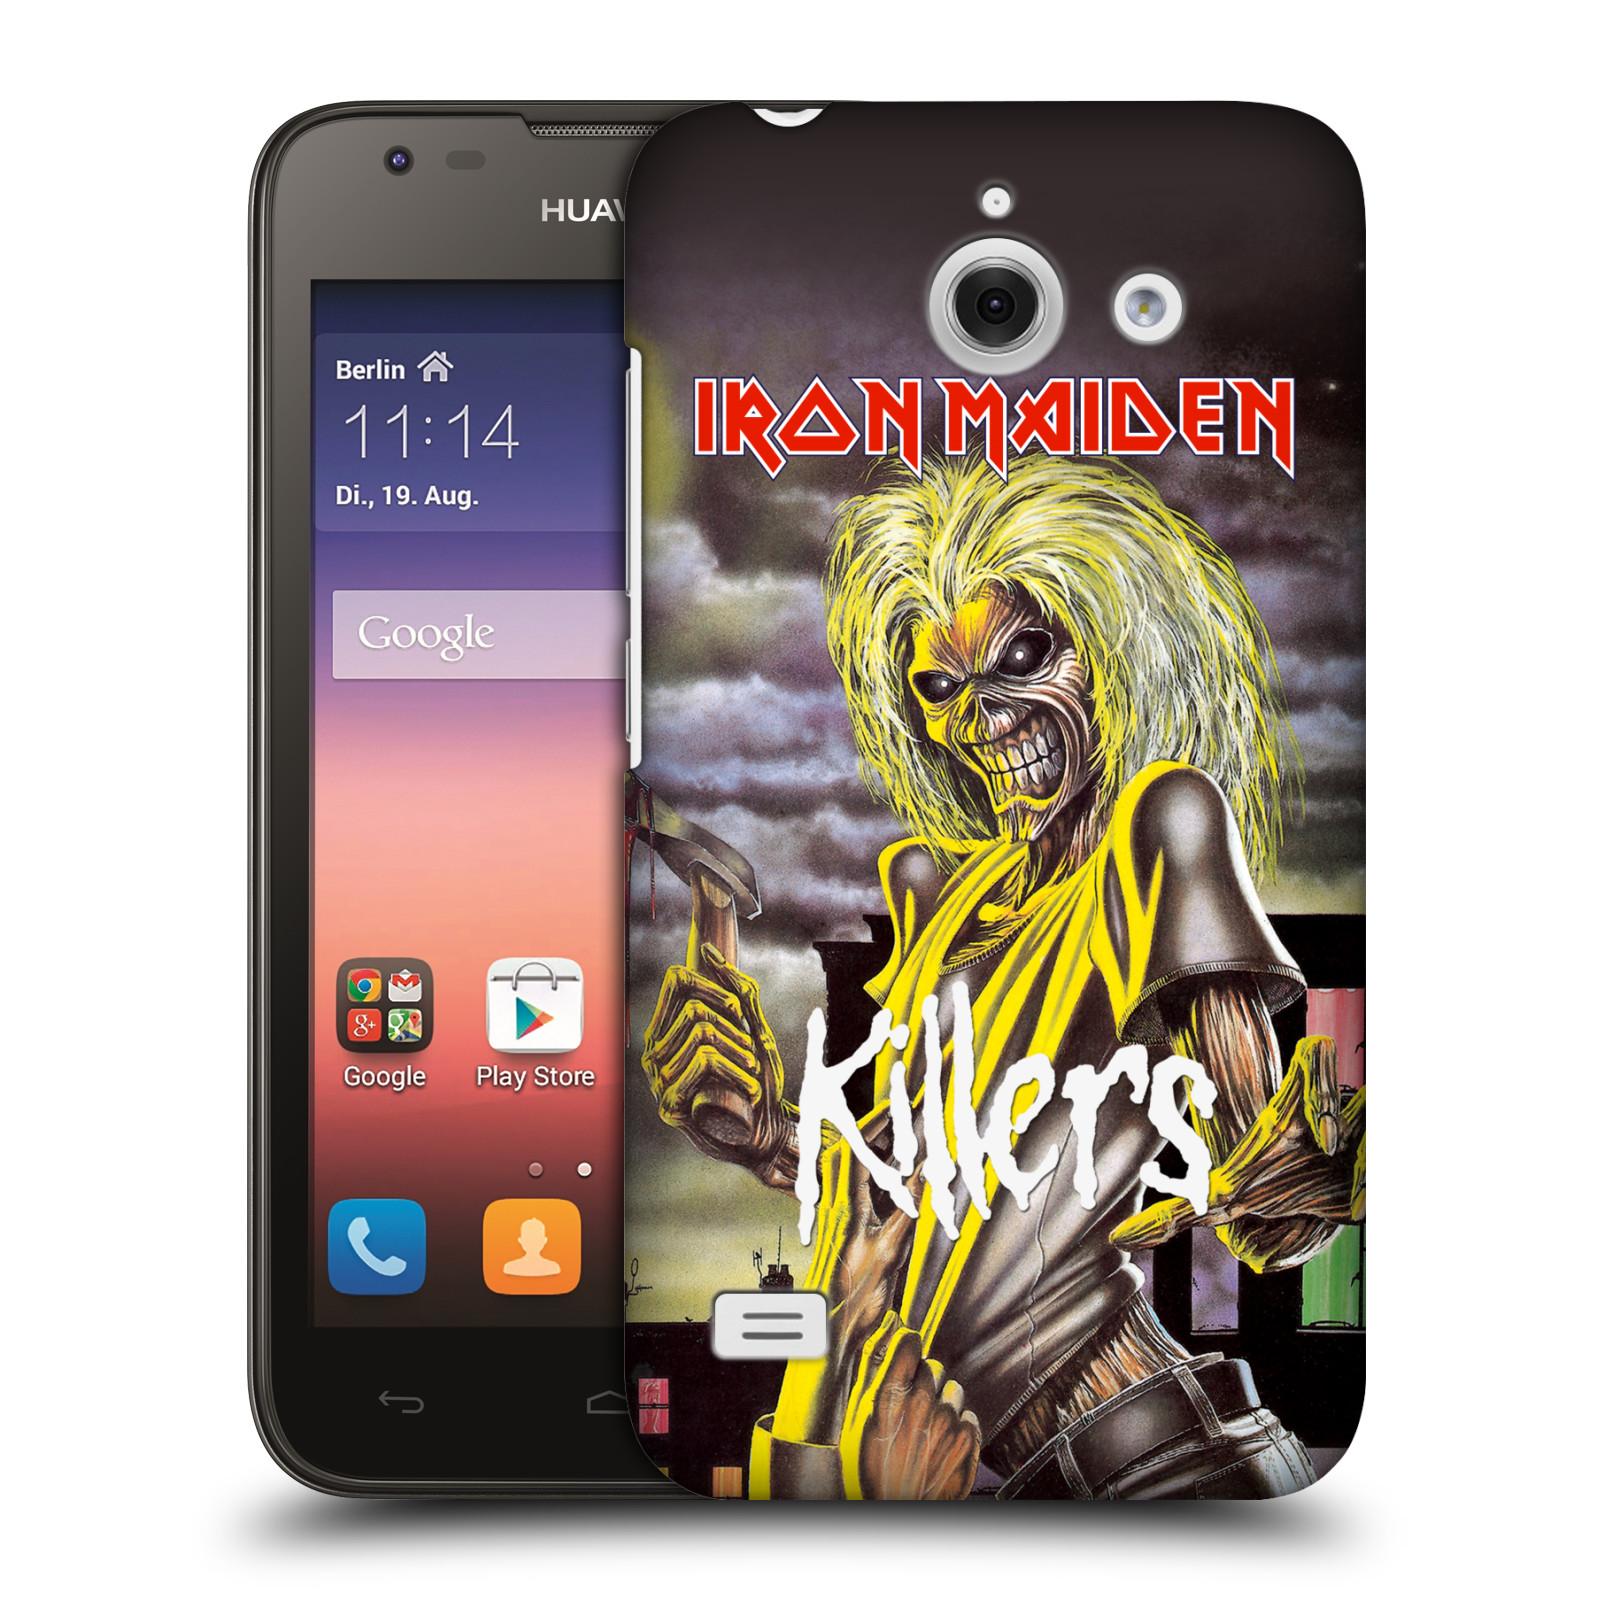 Plastové pouzdro na mobil Huawei Ascend Y550 HEAD CASE - Iron Maiden - Killers (Plastový kryt či obal na mobilní telefon s licencovaným motivem Iron Maiden Huawei Ascend Y550)